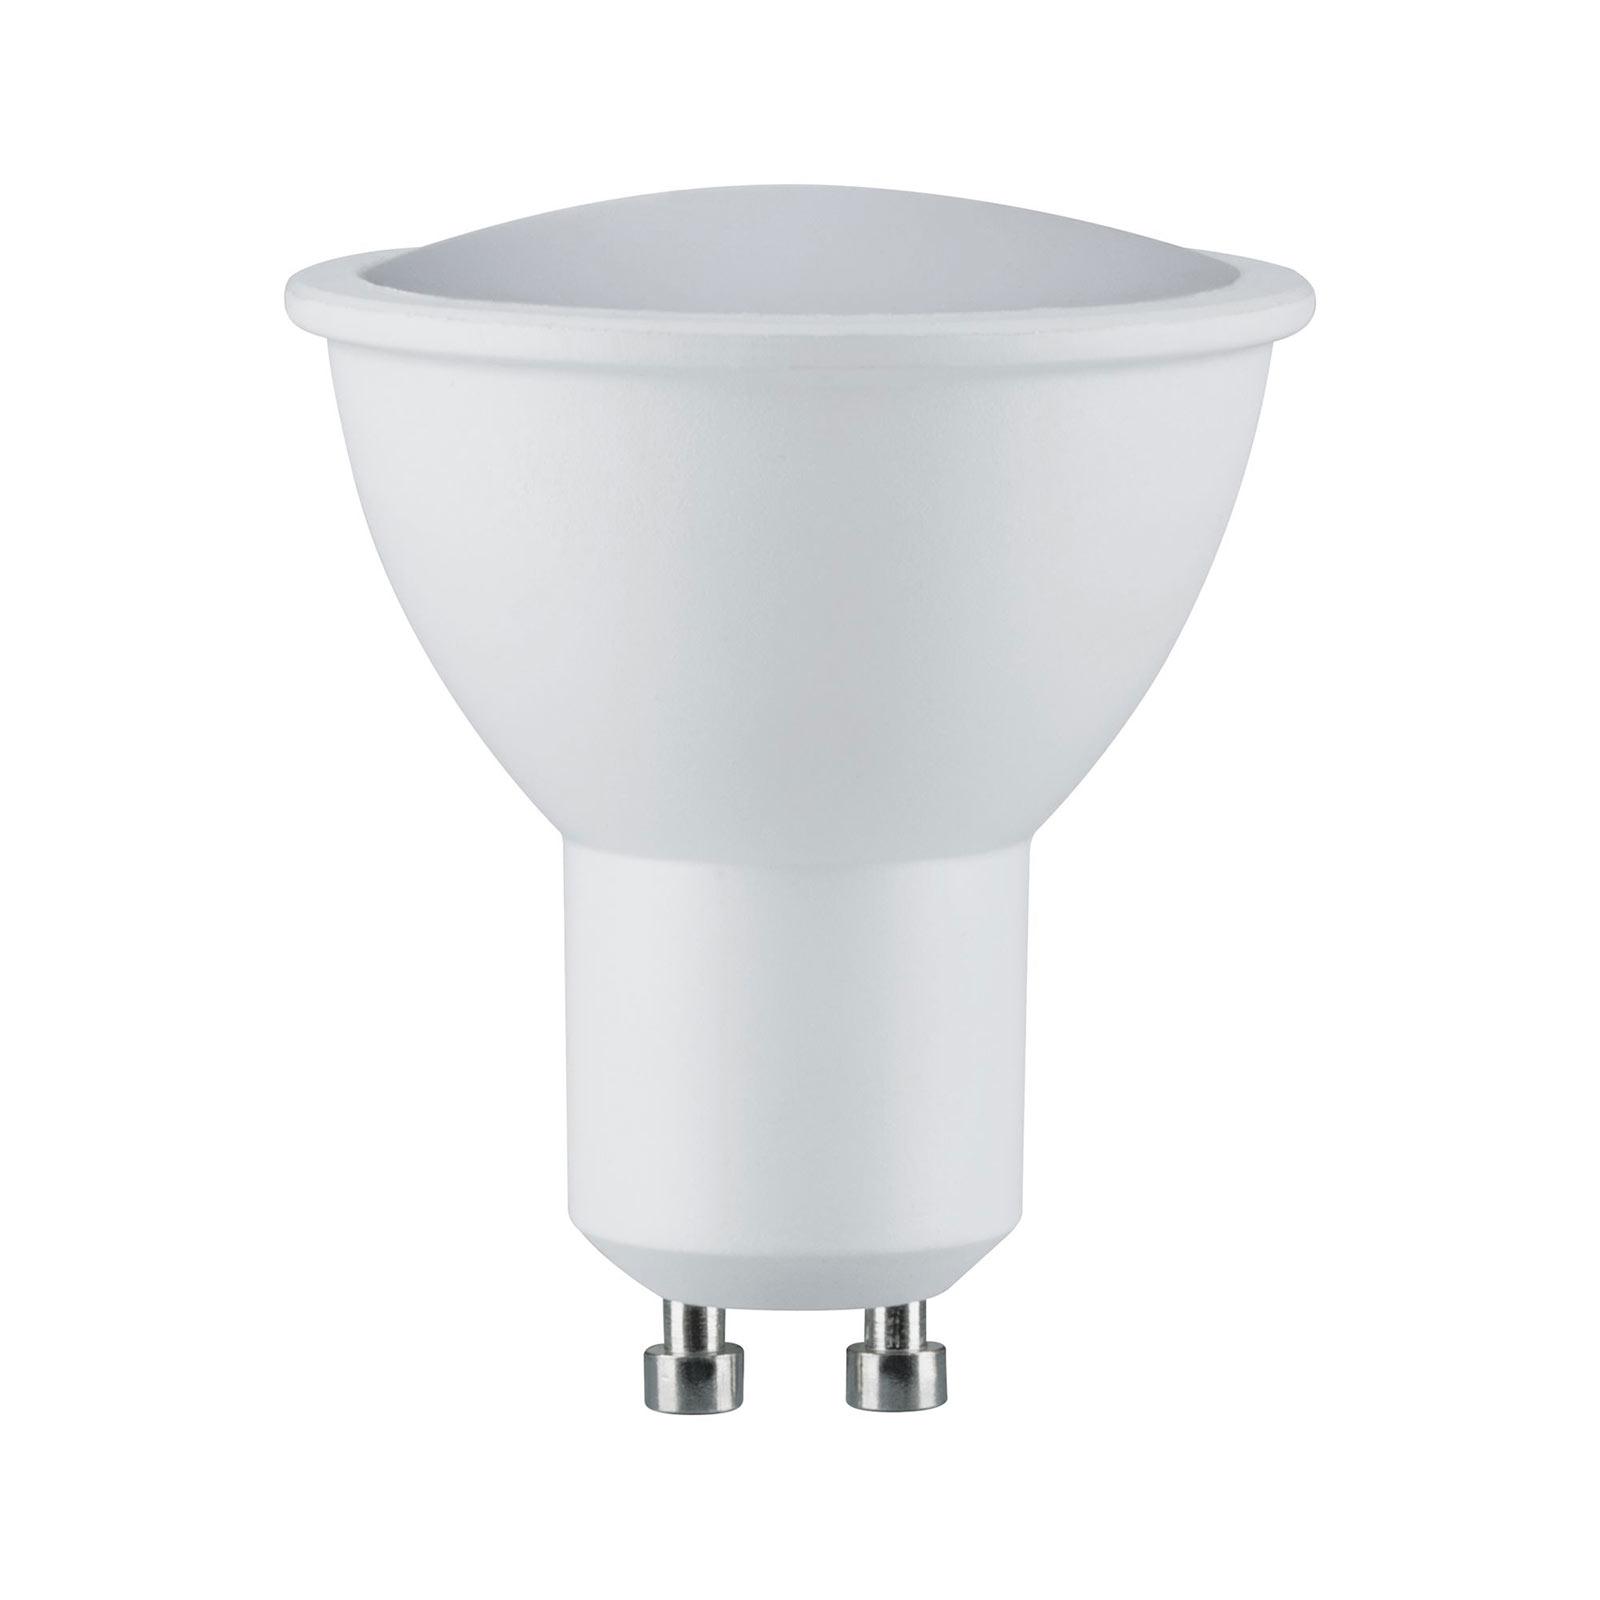 Paulmann LED-Reflektor GU10 5,5W 2.700K easydim